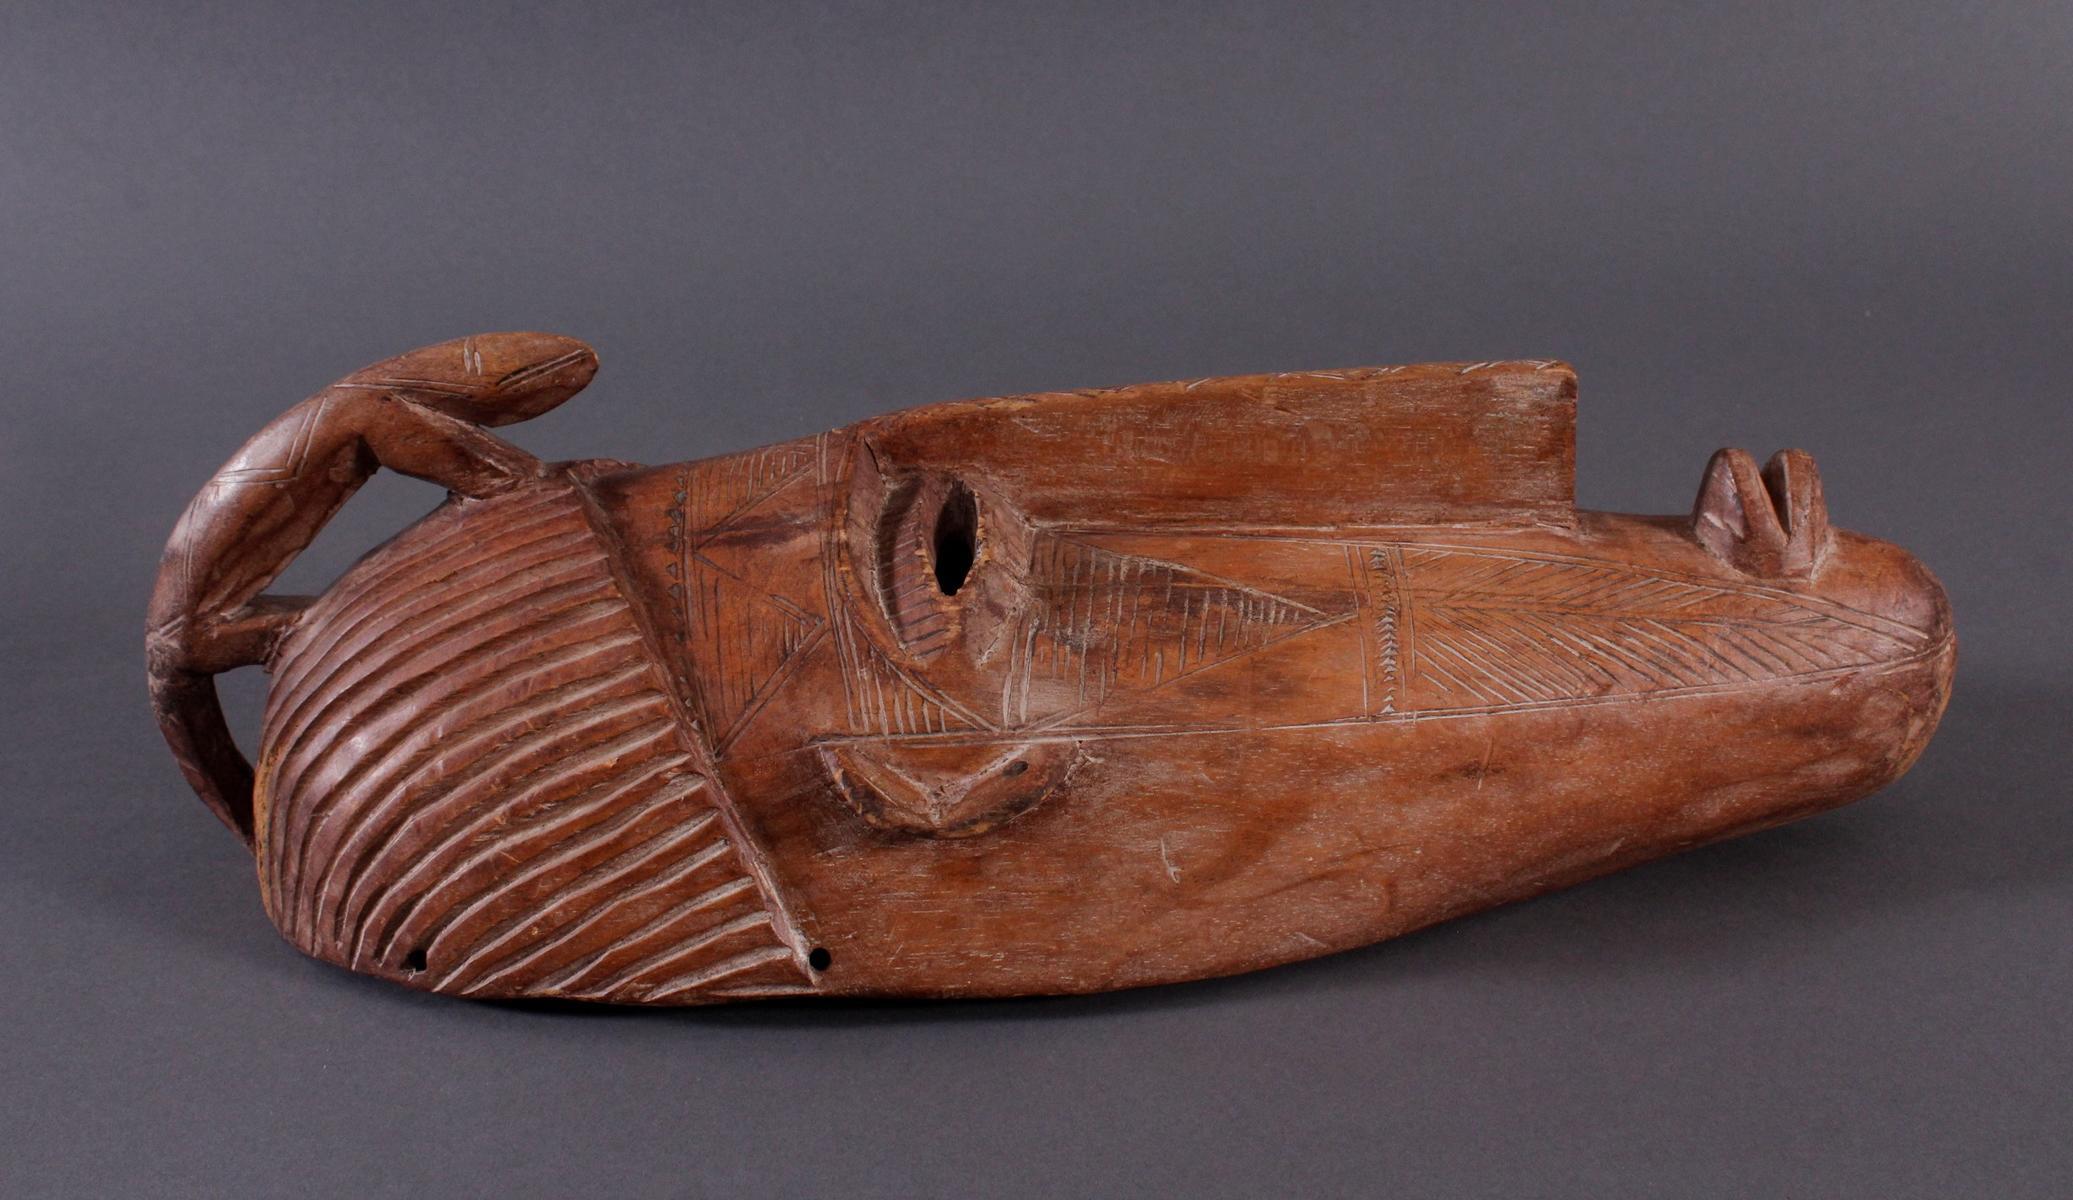 Maske der Bambara, Mali 1. Hälfte 20. Jh.-2